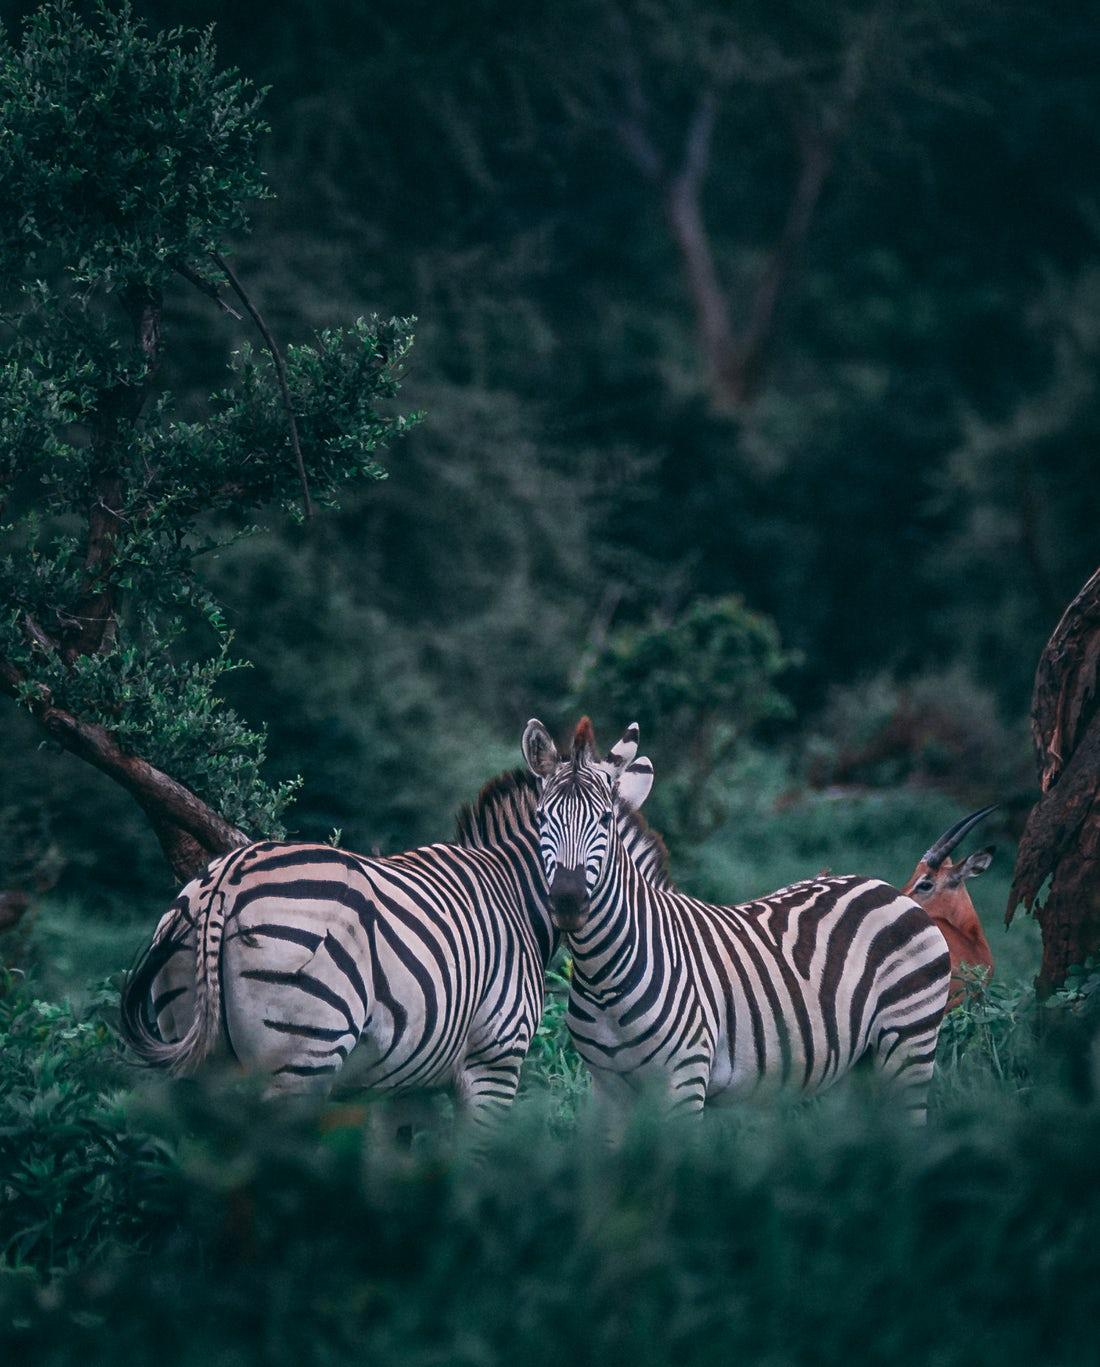 صور هل الحيوانات تحيض , الحيوانات تحيض كانثي الانسان